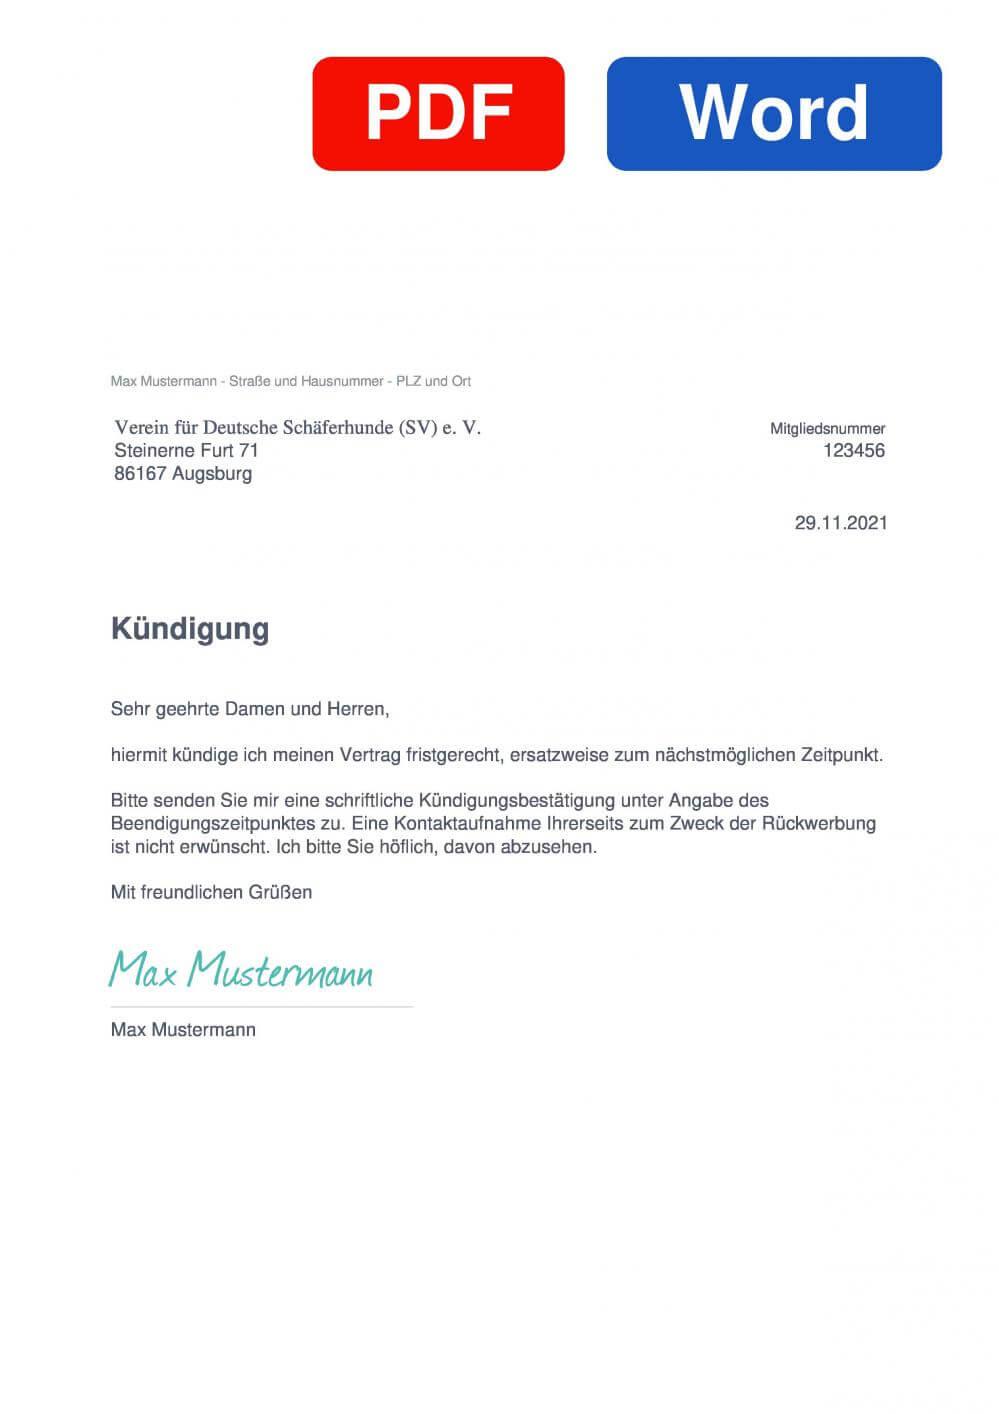 Verein für Deutsche Schäferhunde Muster Vorlage für Kündigungsschreiben